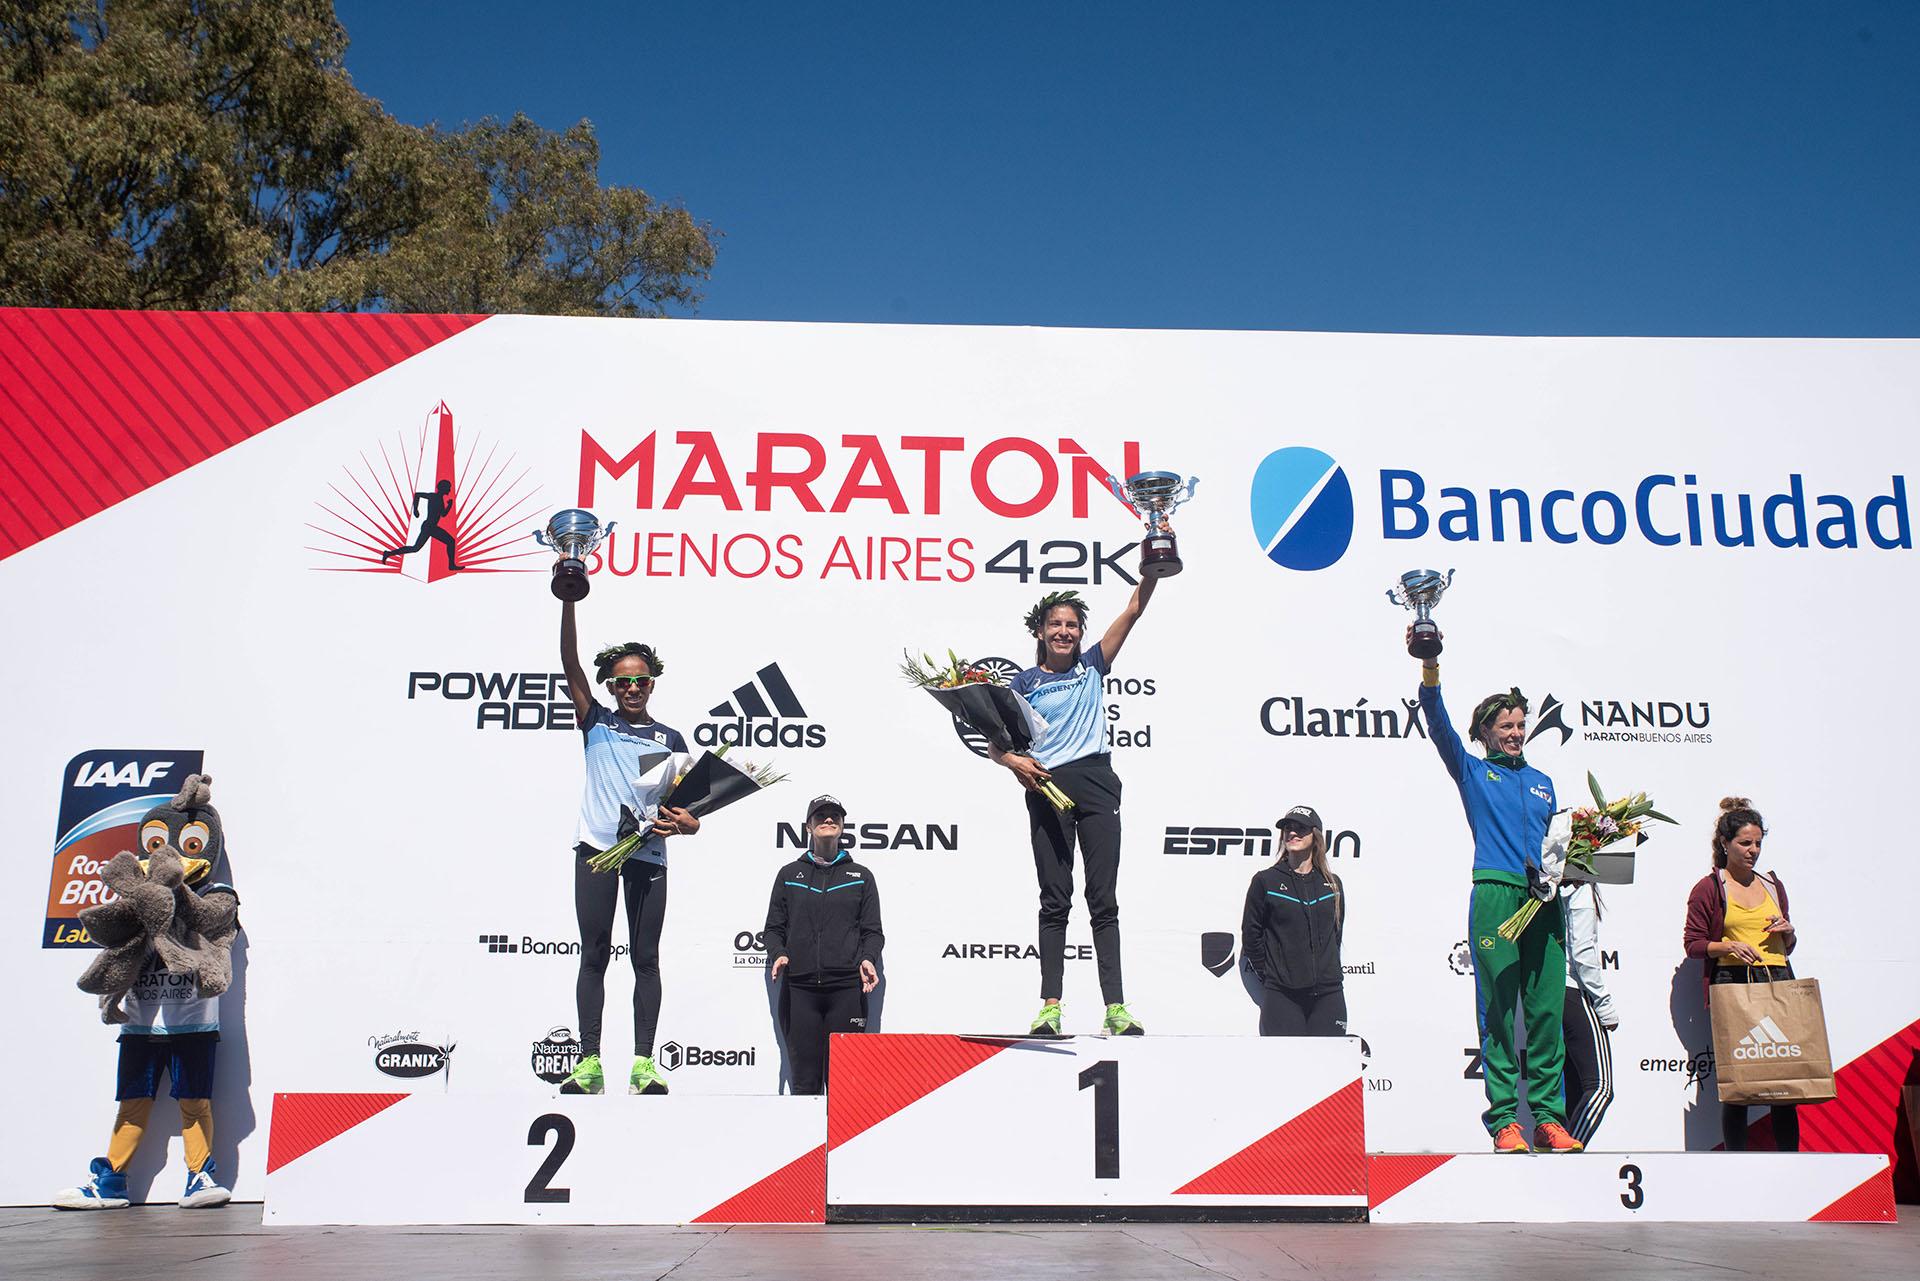 El podio de las corredoras argentinas en la maratón de Buenos Aires